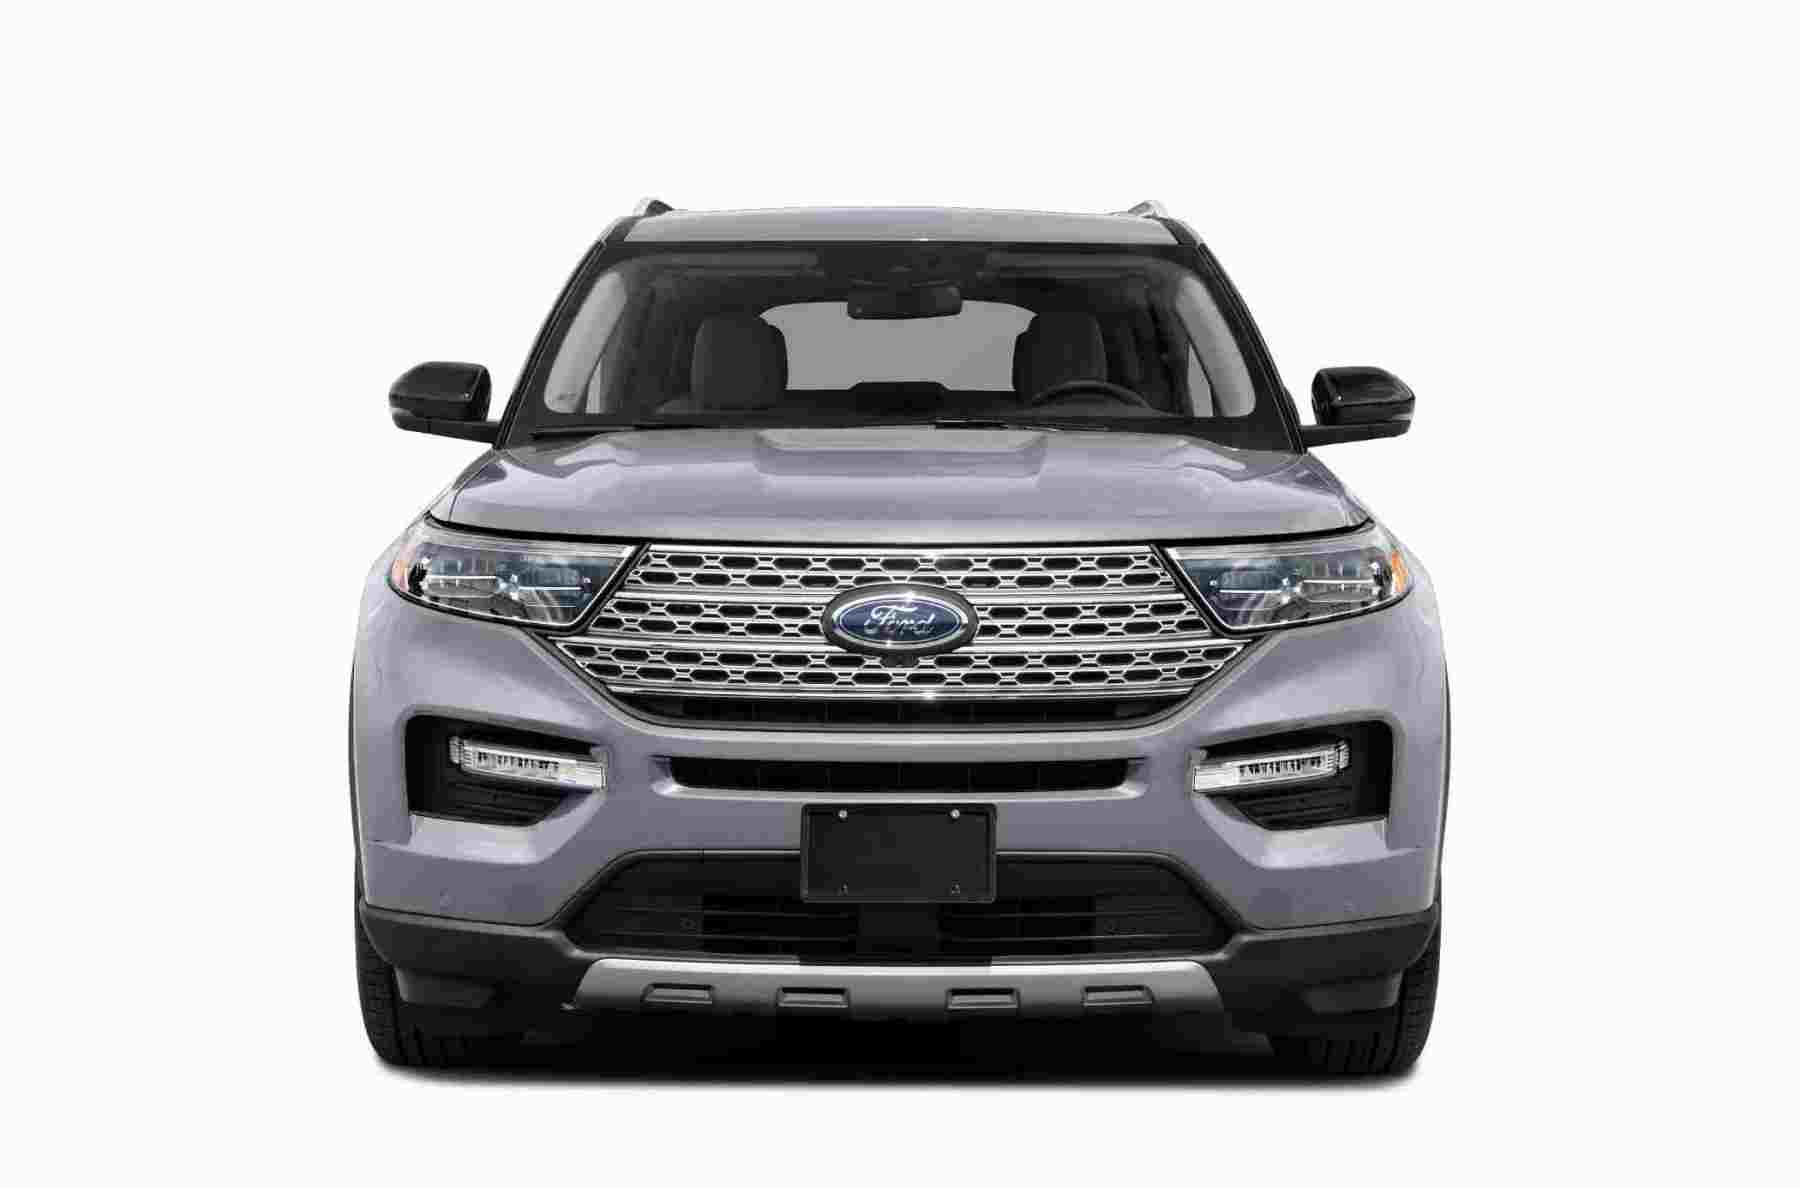 2020-ford-explorer-front-end